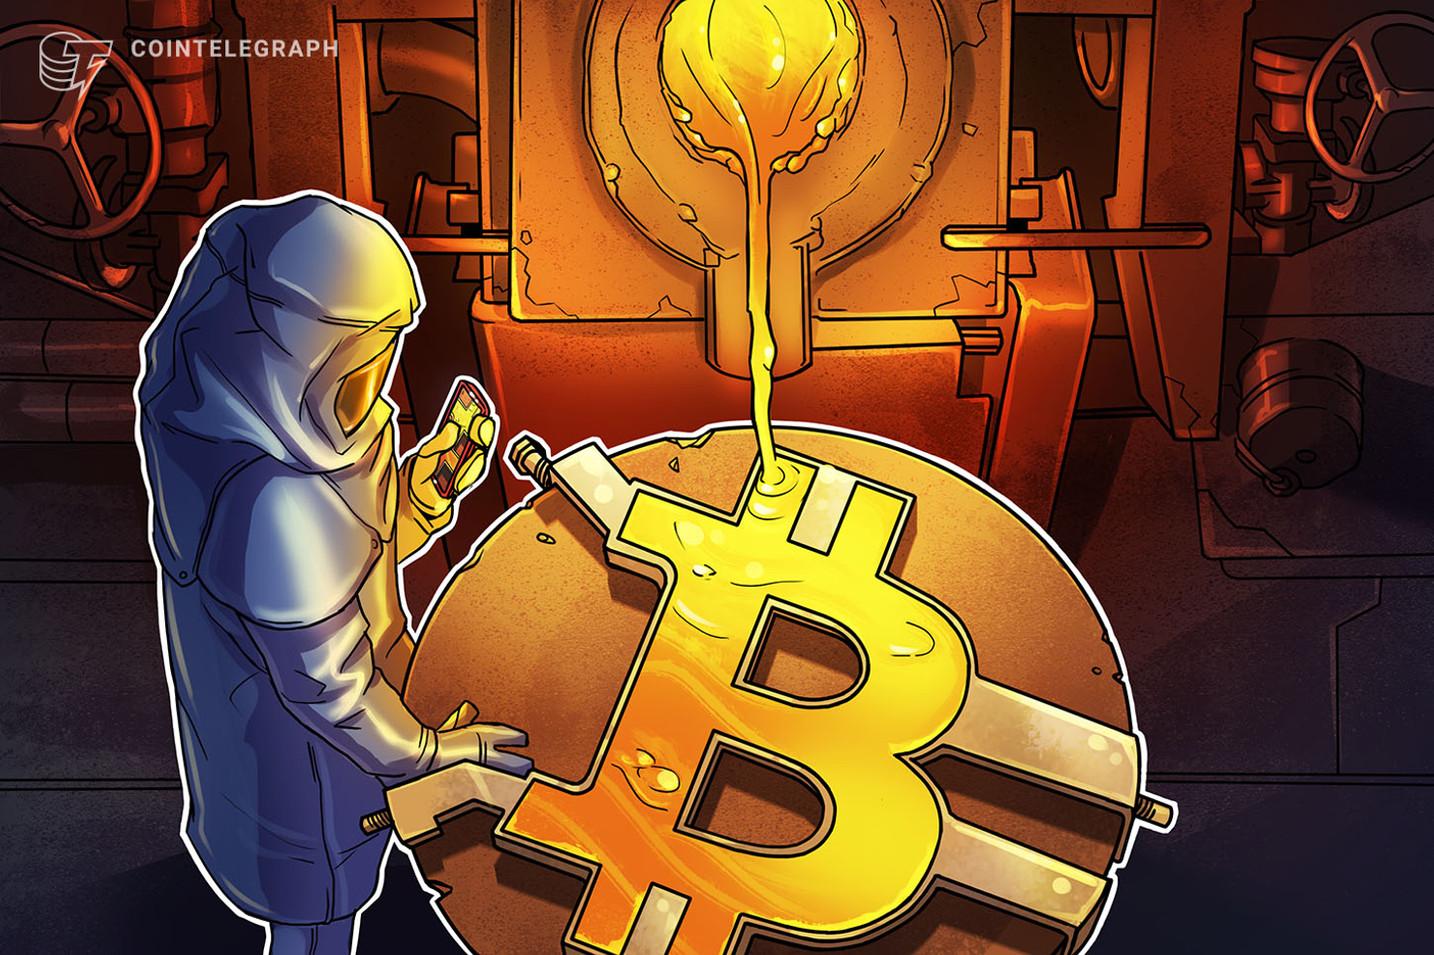 仮想通貨ビットコインはデジタルゴールドとして成熟化、ドル安や不透明感で1万4000ドル挑戦=ブルームバーグ予想【ニュース】